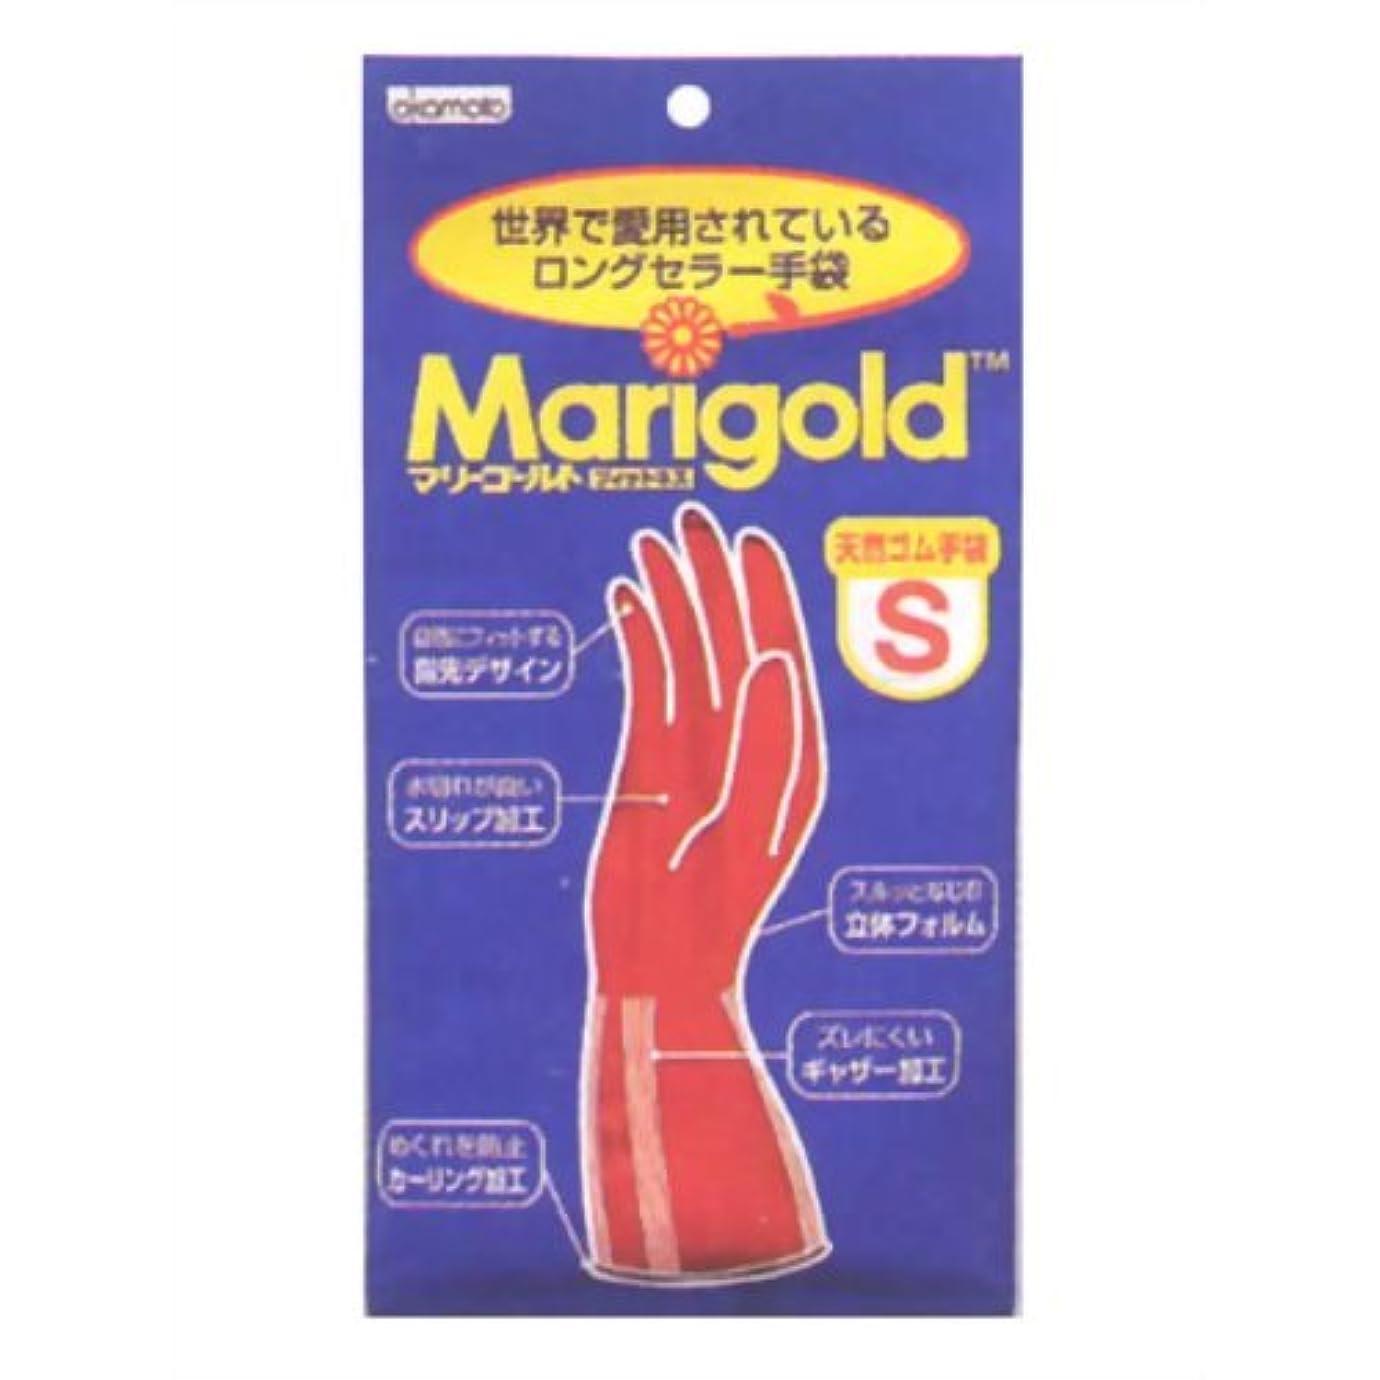 潮とげのある結果としてマリーゴールドSサイズ × 12個セット